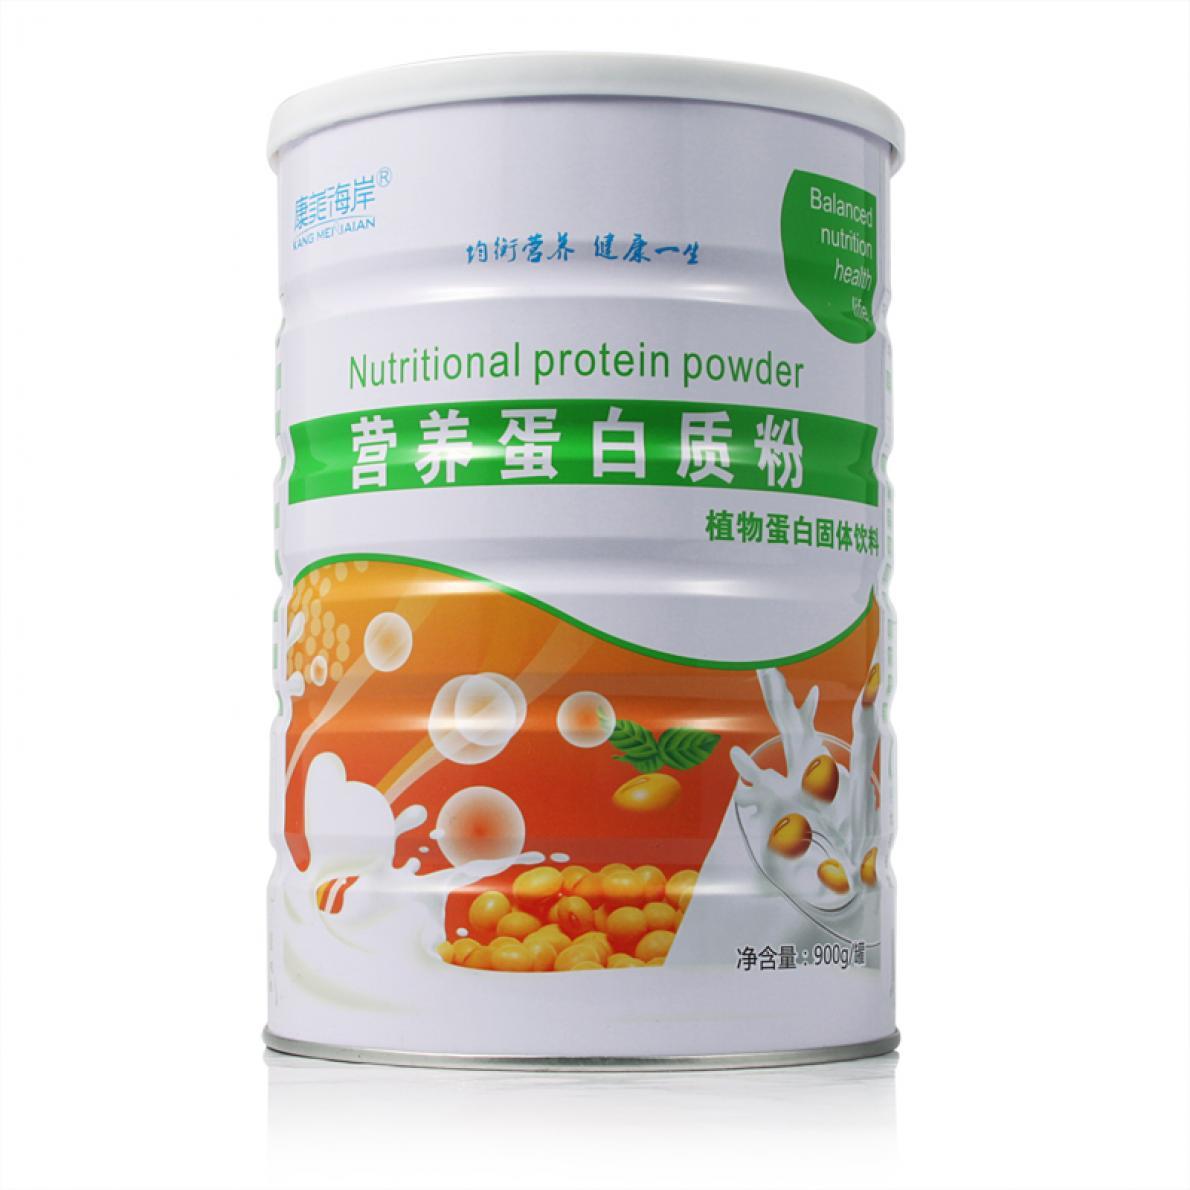 康美海岸 营养蛋白质粉 900g/罐